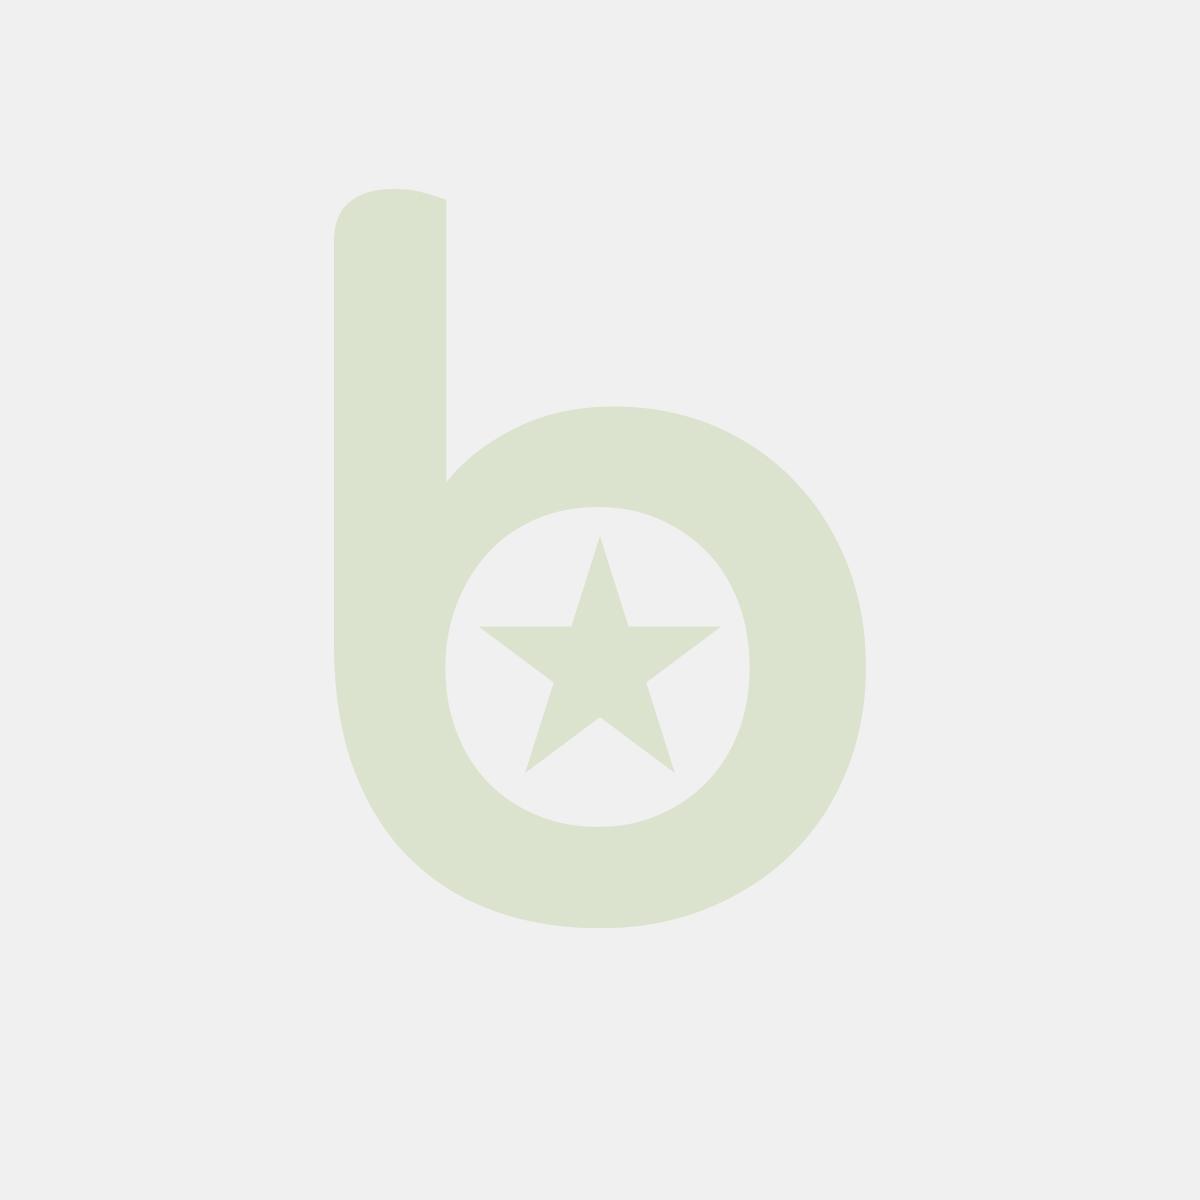 Pojemnik Gn 1/2 Z Chowanymi Uchwytami – 325X265 Mm